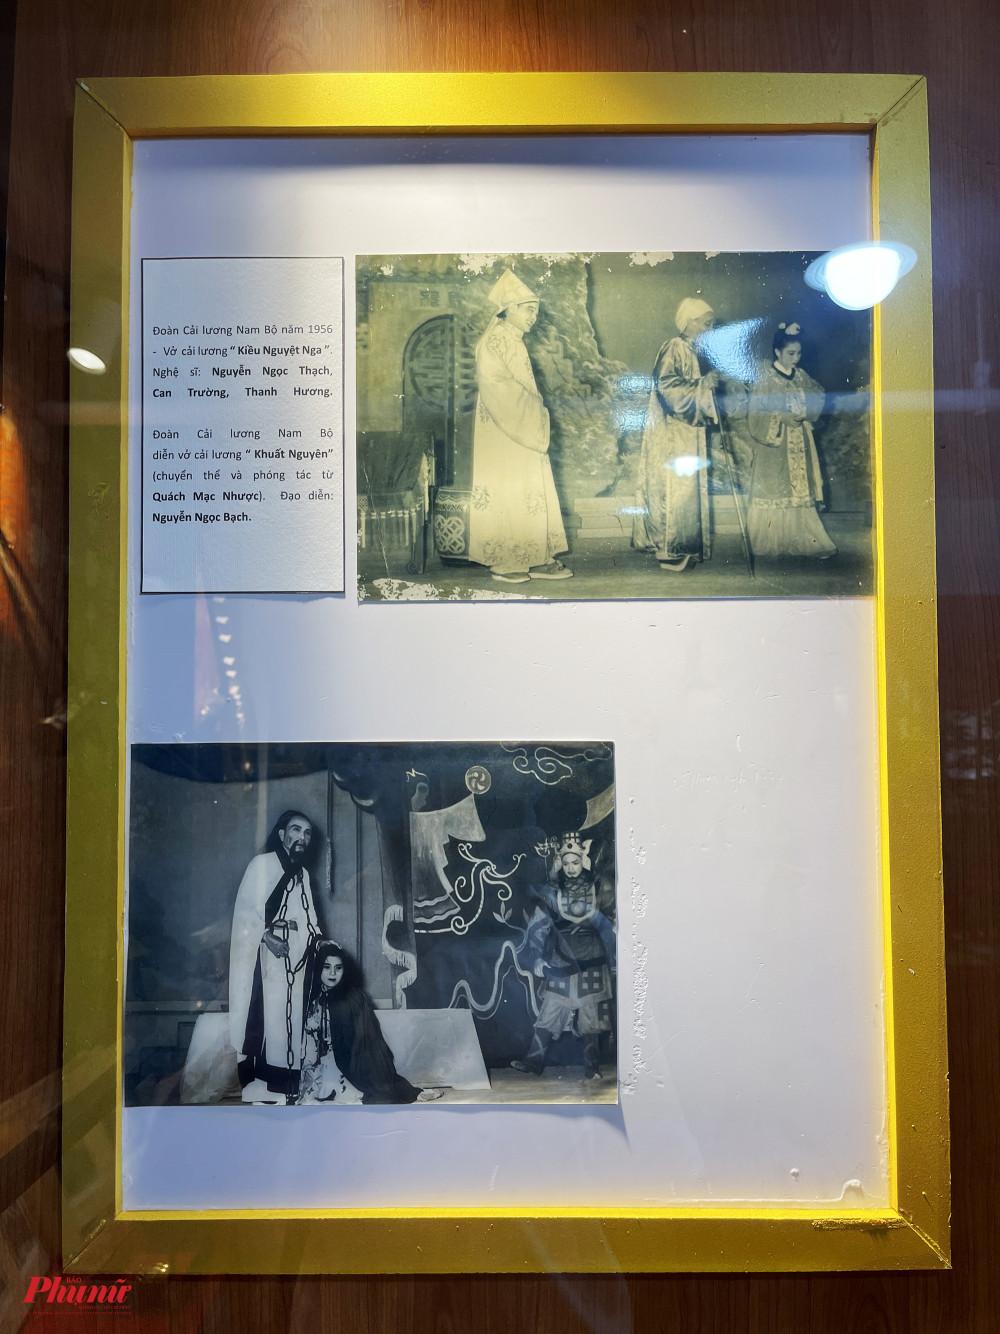 Hình ảnh quý trong hai vở diễn Kiều Nguyệt Nga và Khuất Nguyên do đoàn cải lương Nam Bộ dàn dựng cách đây hơn nửa thế kỷ.